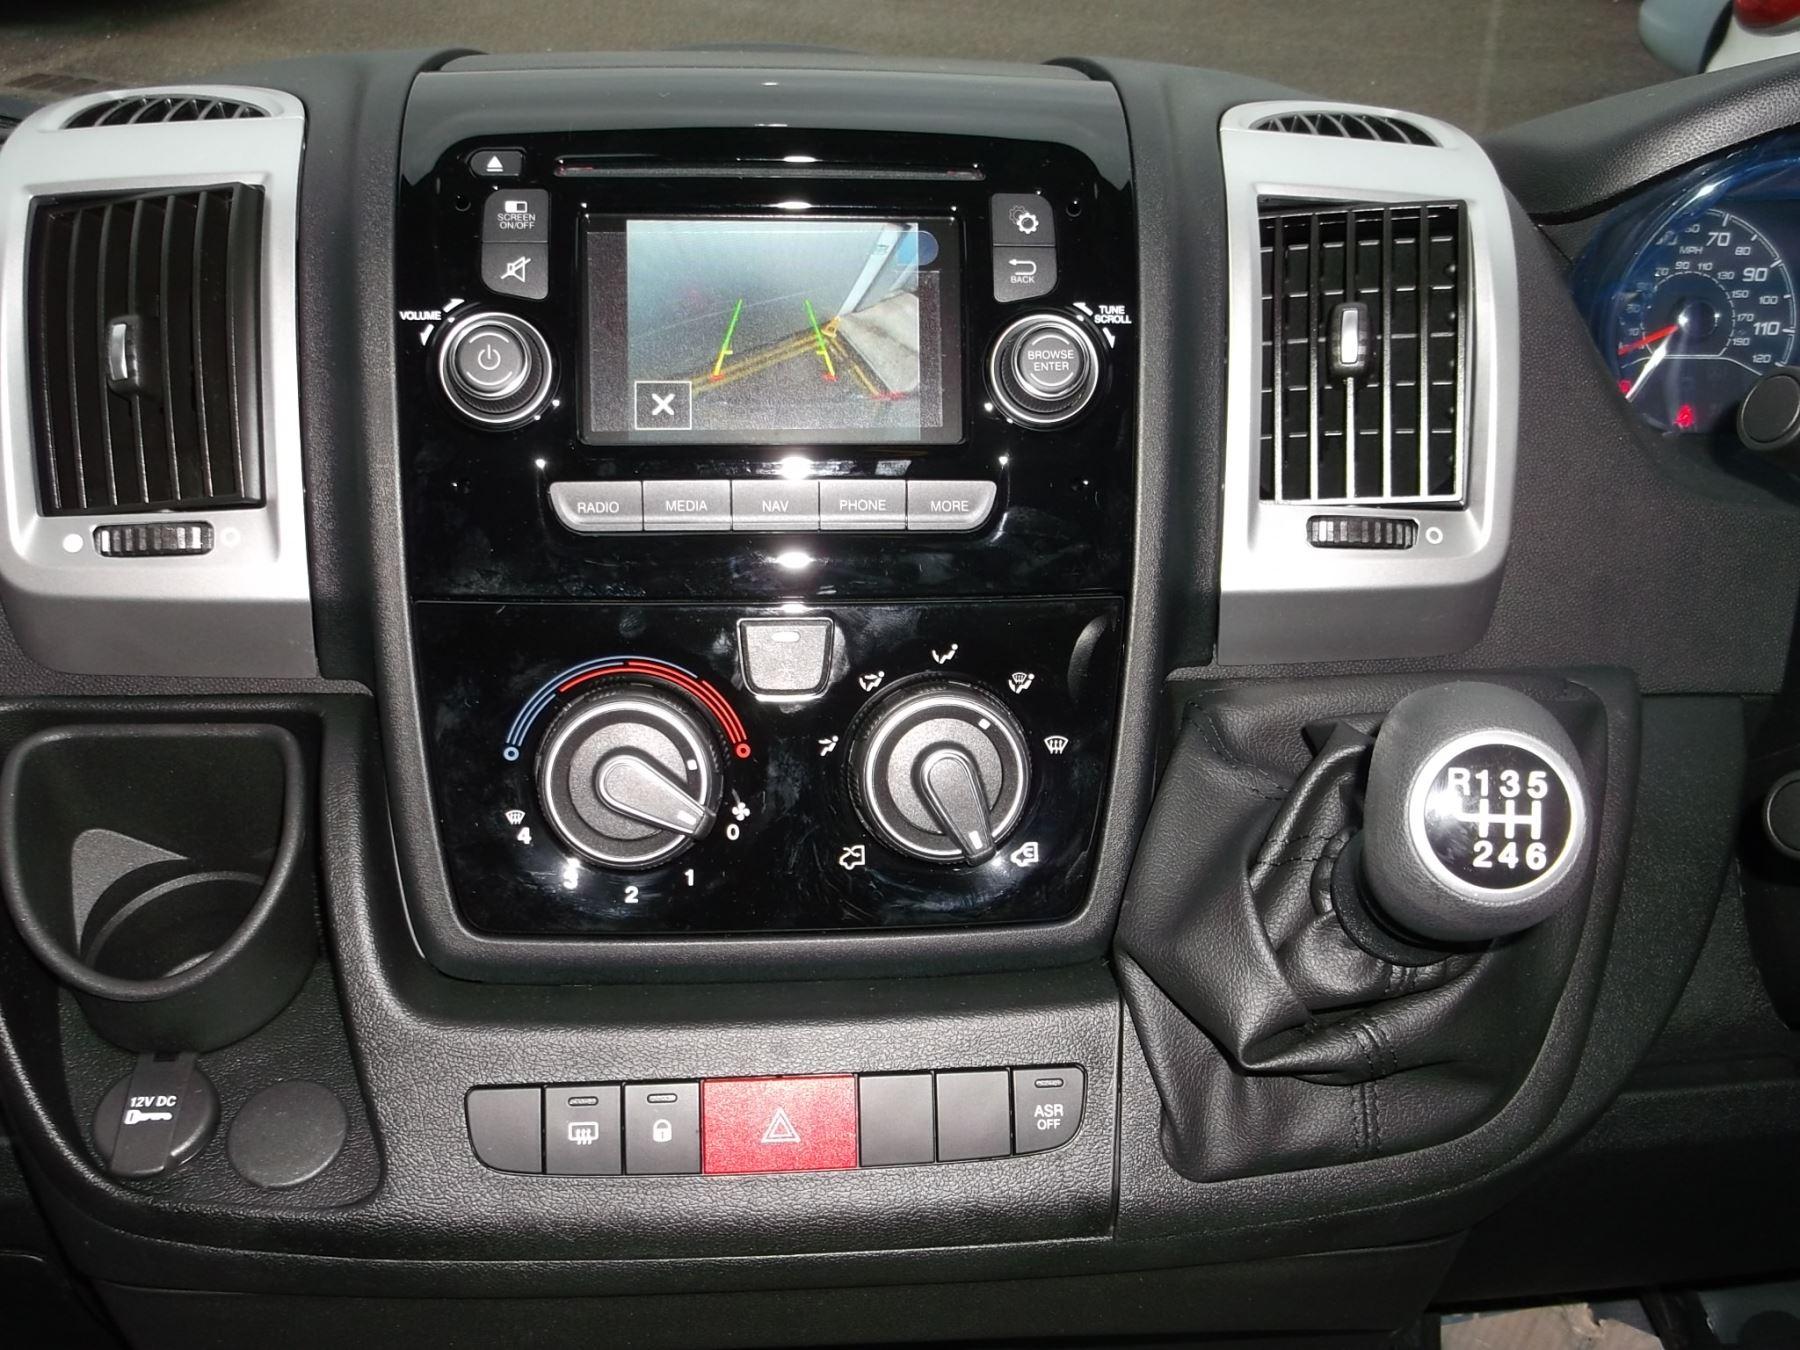 Fiat Ducato MWB HR 2.3 160 SPORTIVO ALLOYS CLR CODED LED  AIRCON NAV CRUISE REV SENSORS CAMERA image 10